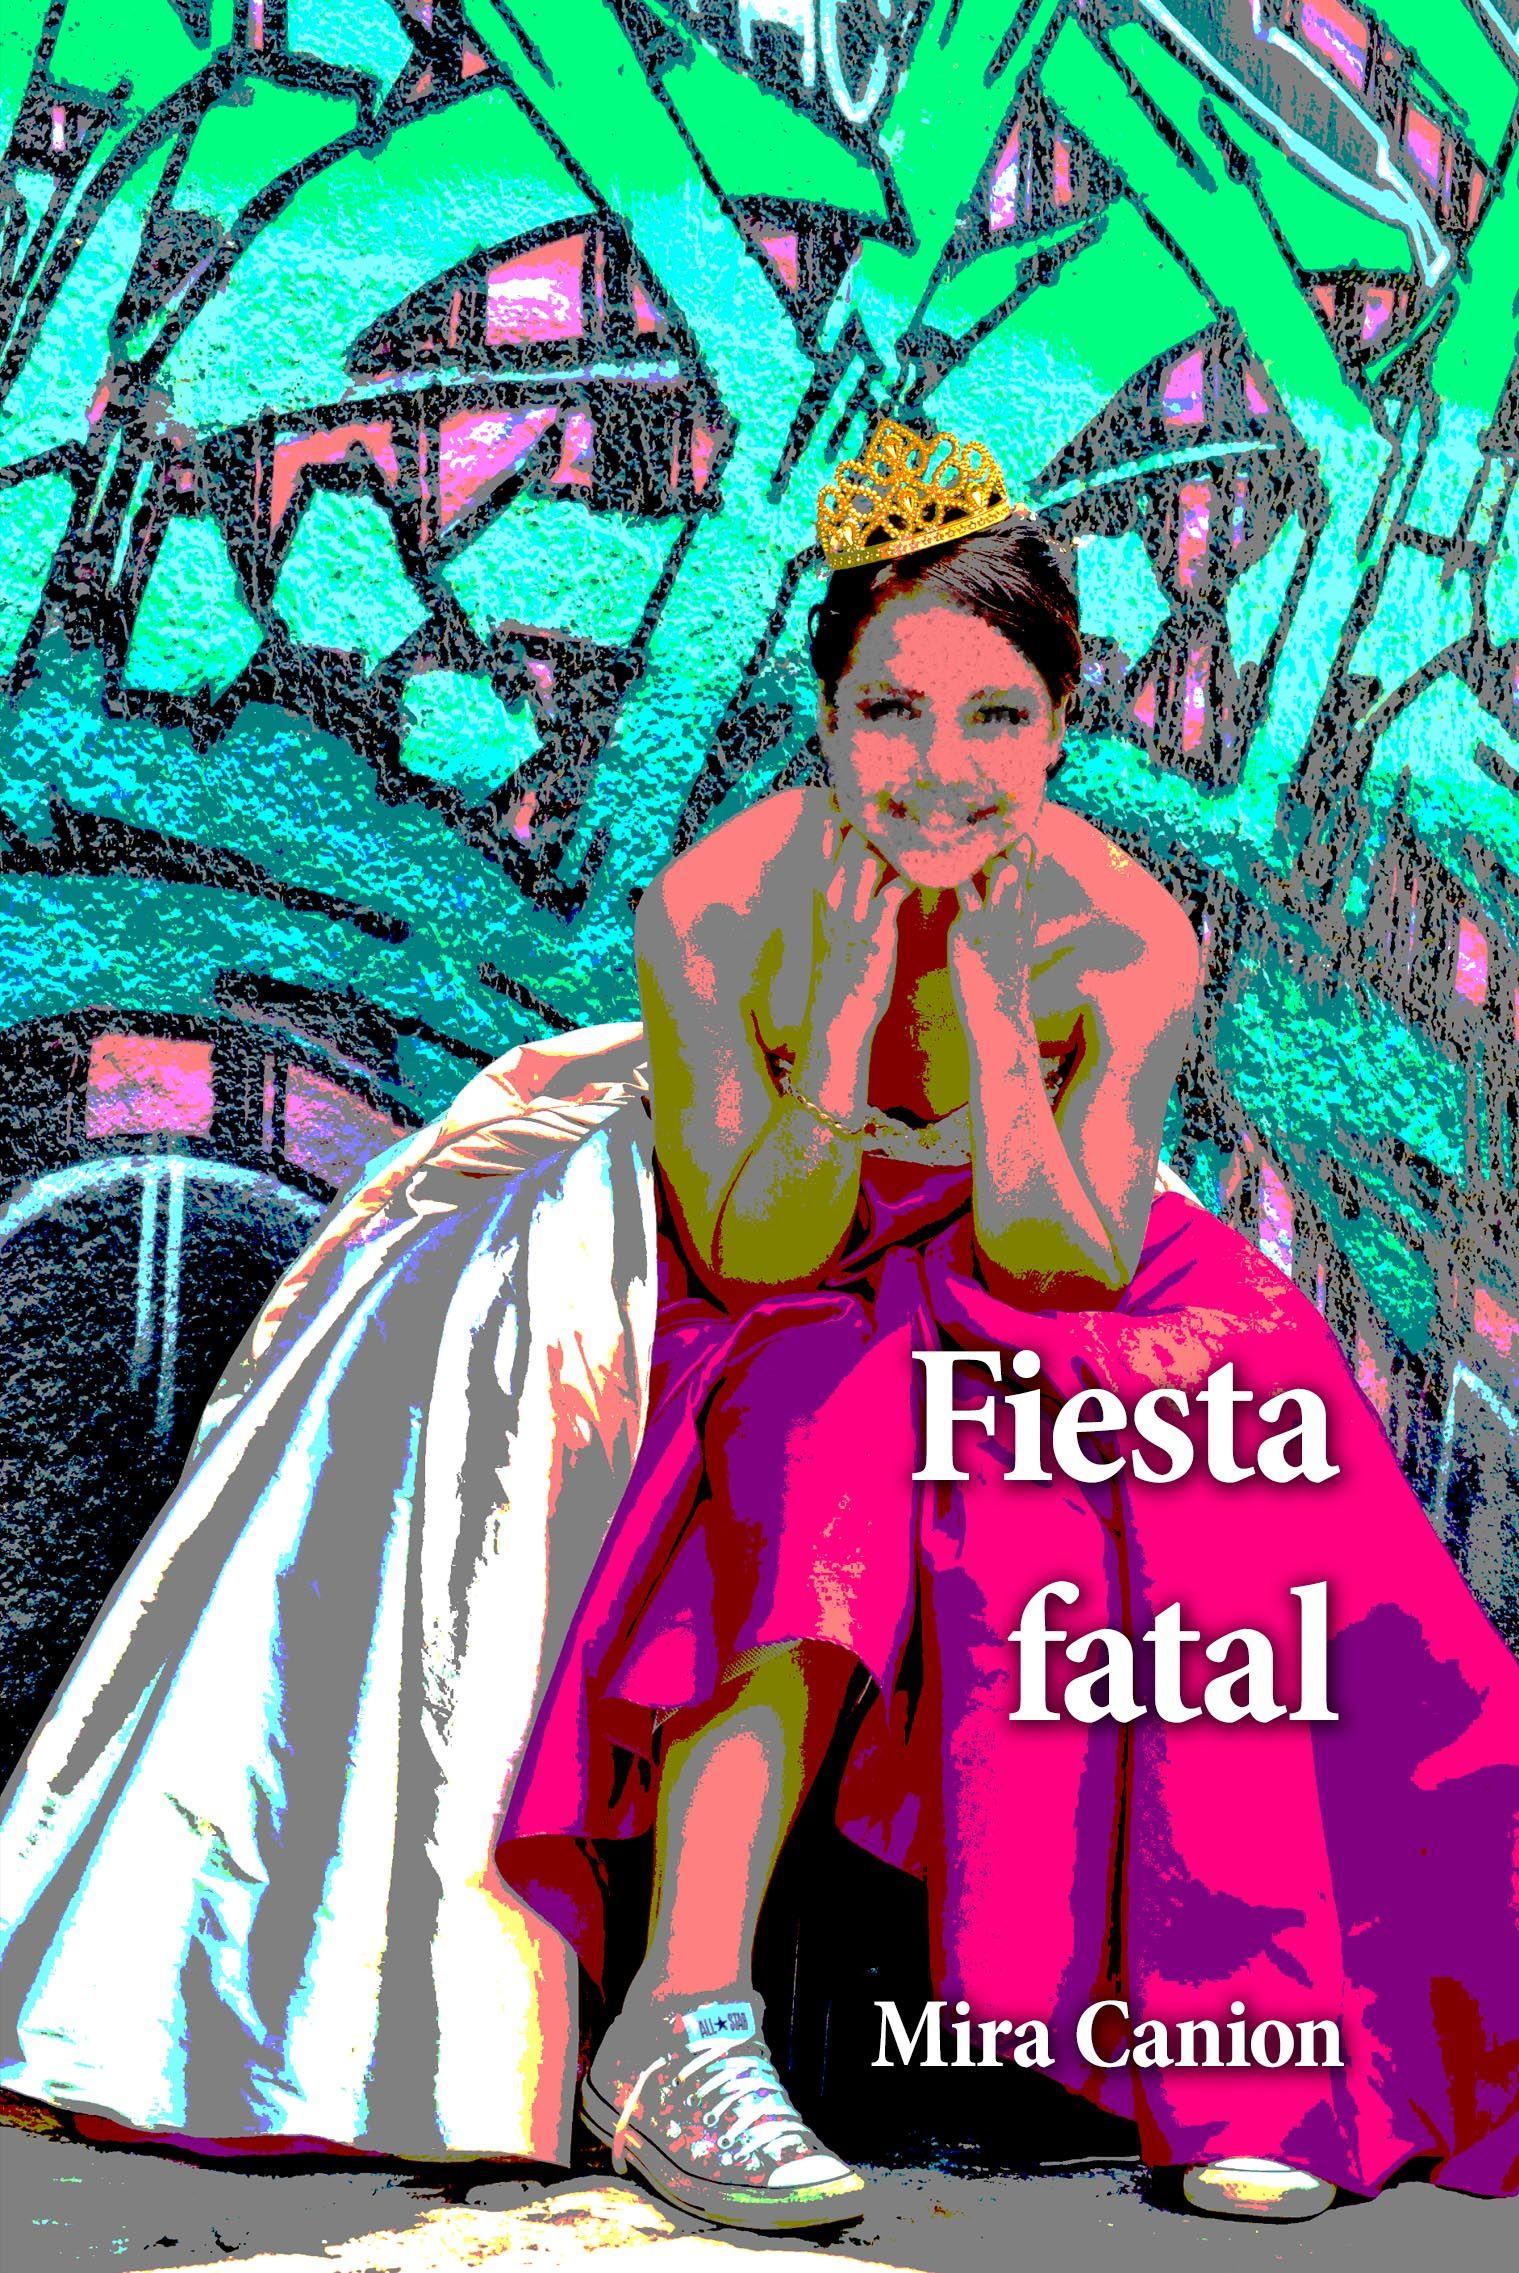 Fiesta Fatal Novel